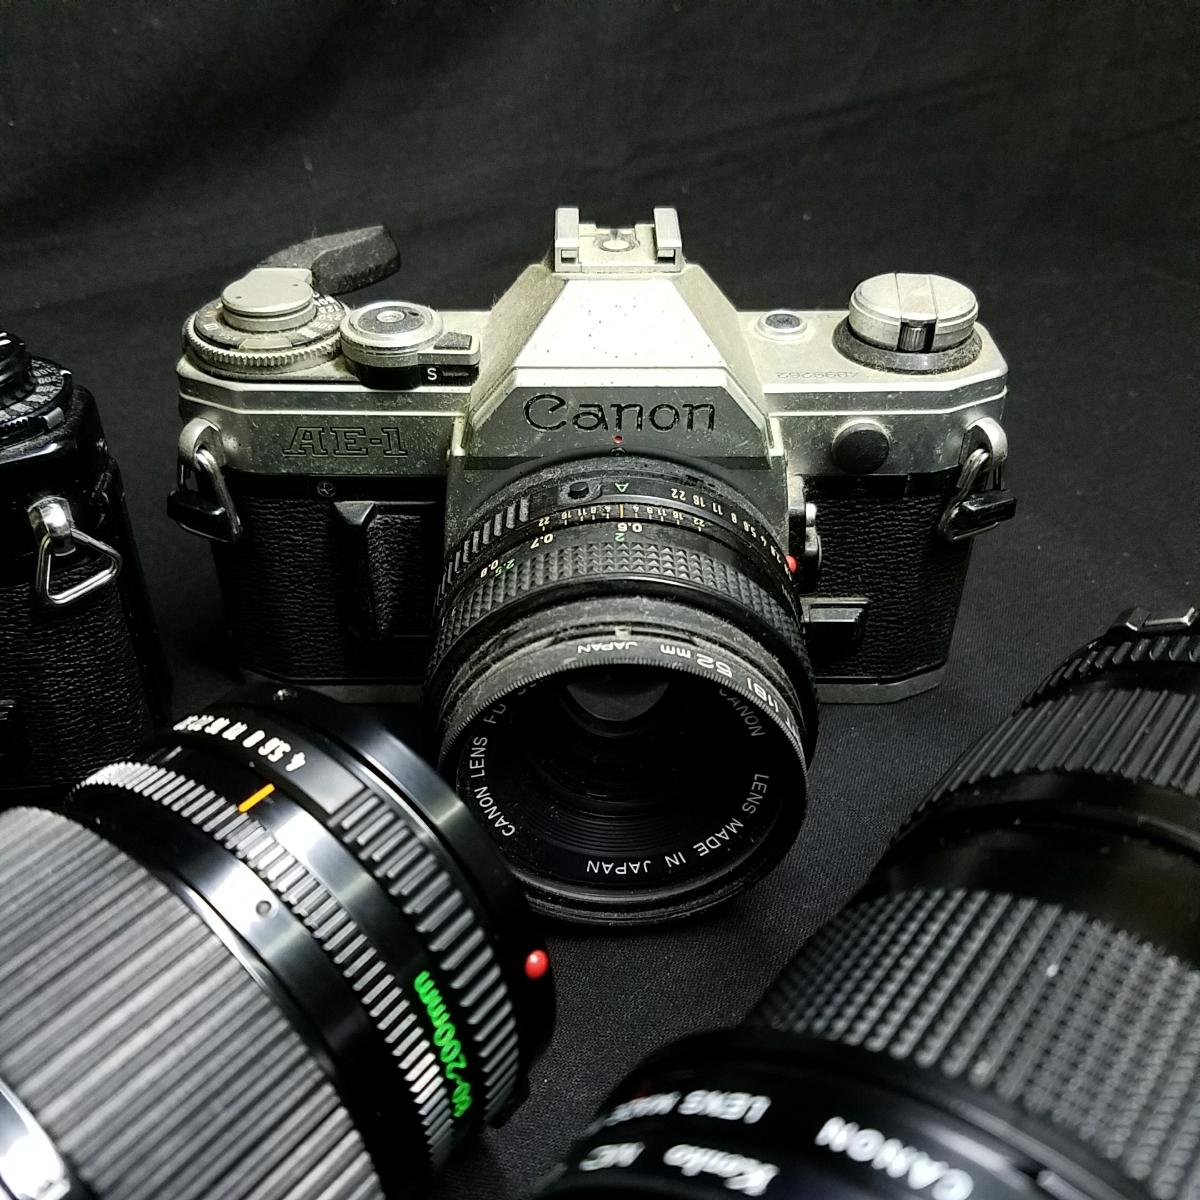 カメラ 光学機器 一眼レフ アンティークカメラ フィルムカメラ プロ仕様 キャノン CANON A-1 AE-1 レンズ 望遠  s-0005_画像5